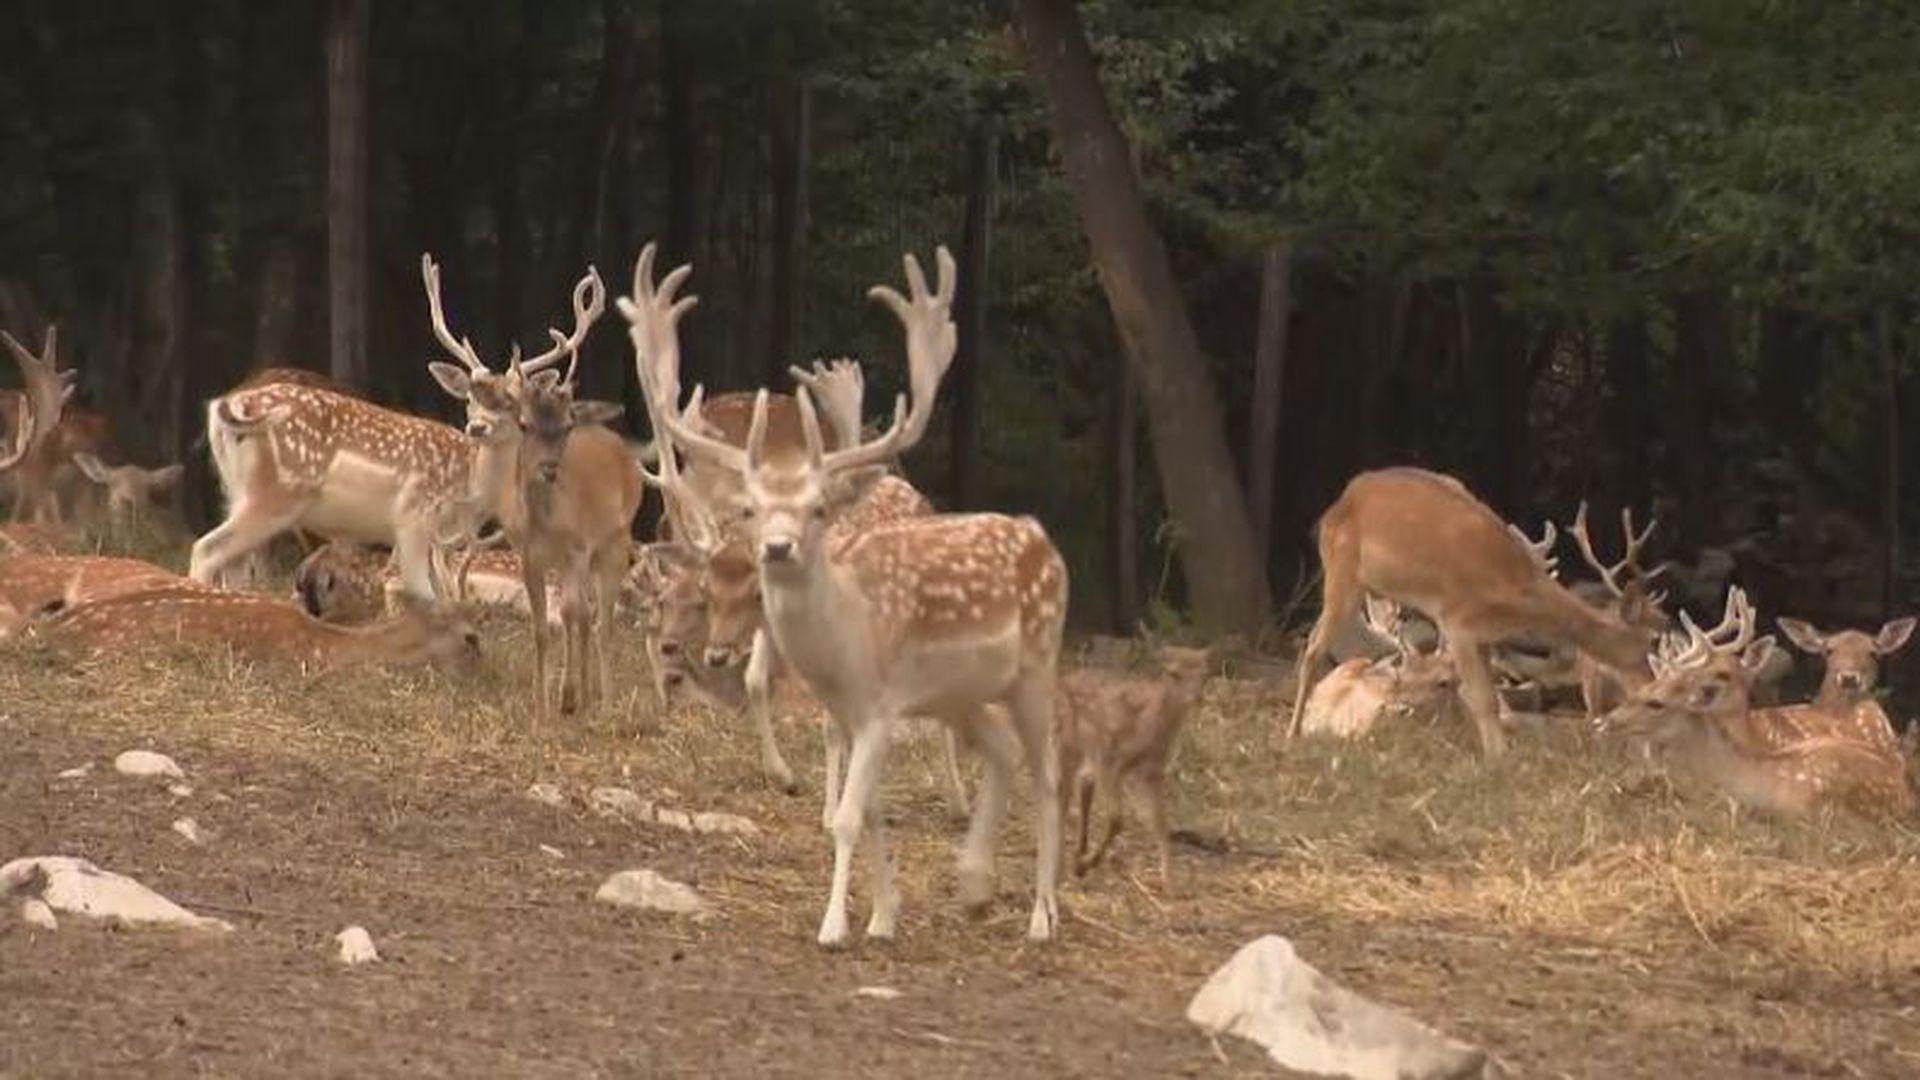 izlazak s parka jelena brzi sastanak s belmontom